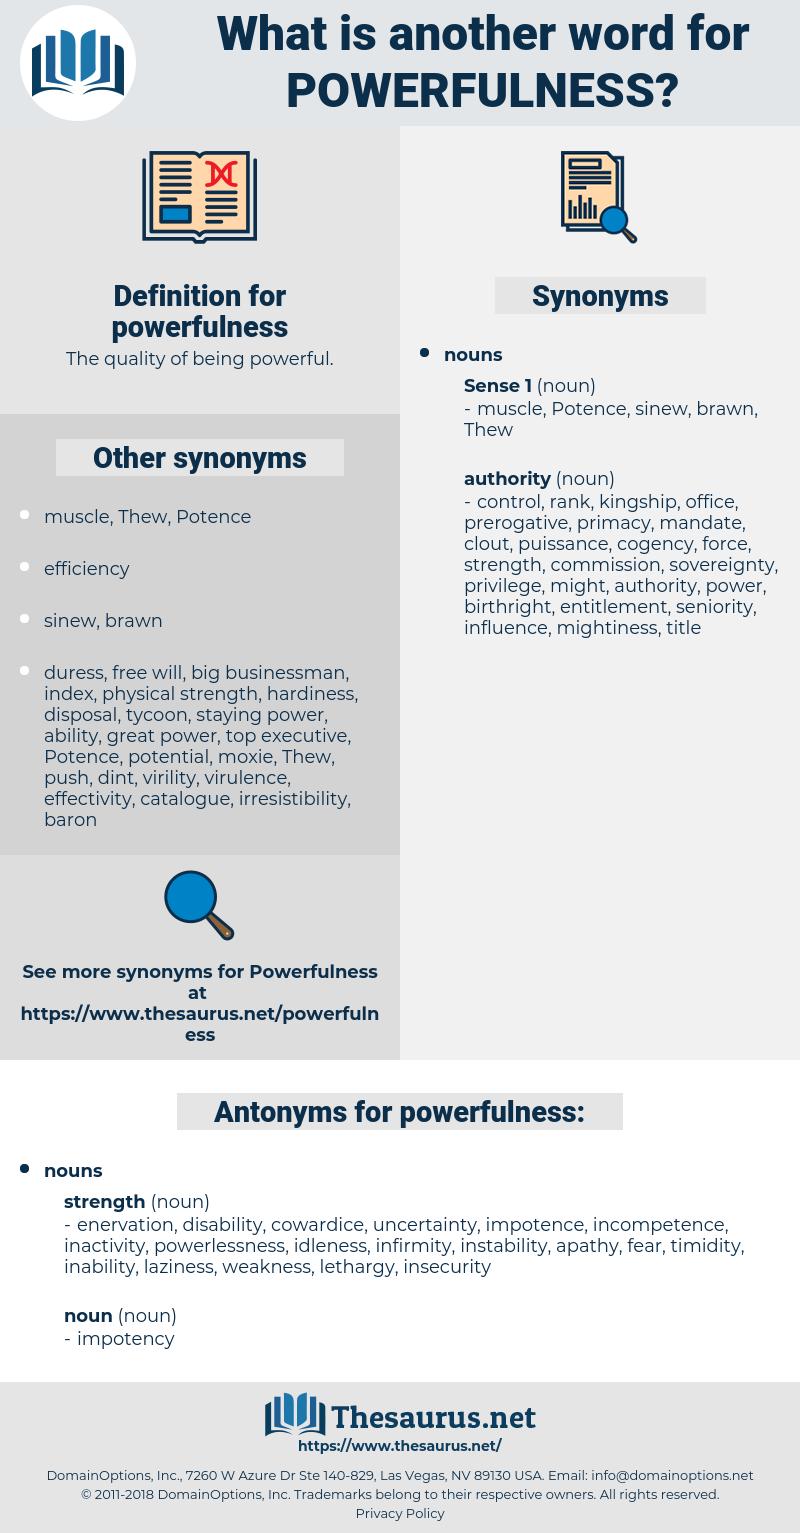 powerfulness, synonym powerfulness, another word for powerfulness, words like powerfulness, thesaurus powerfulness